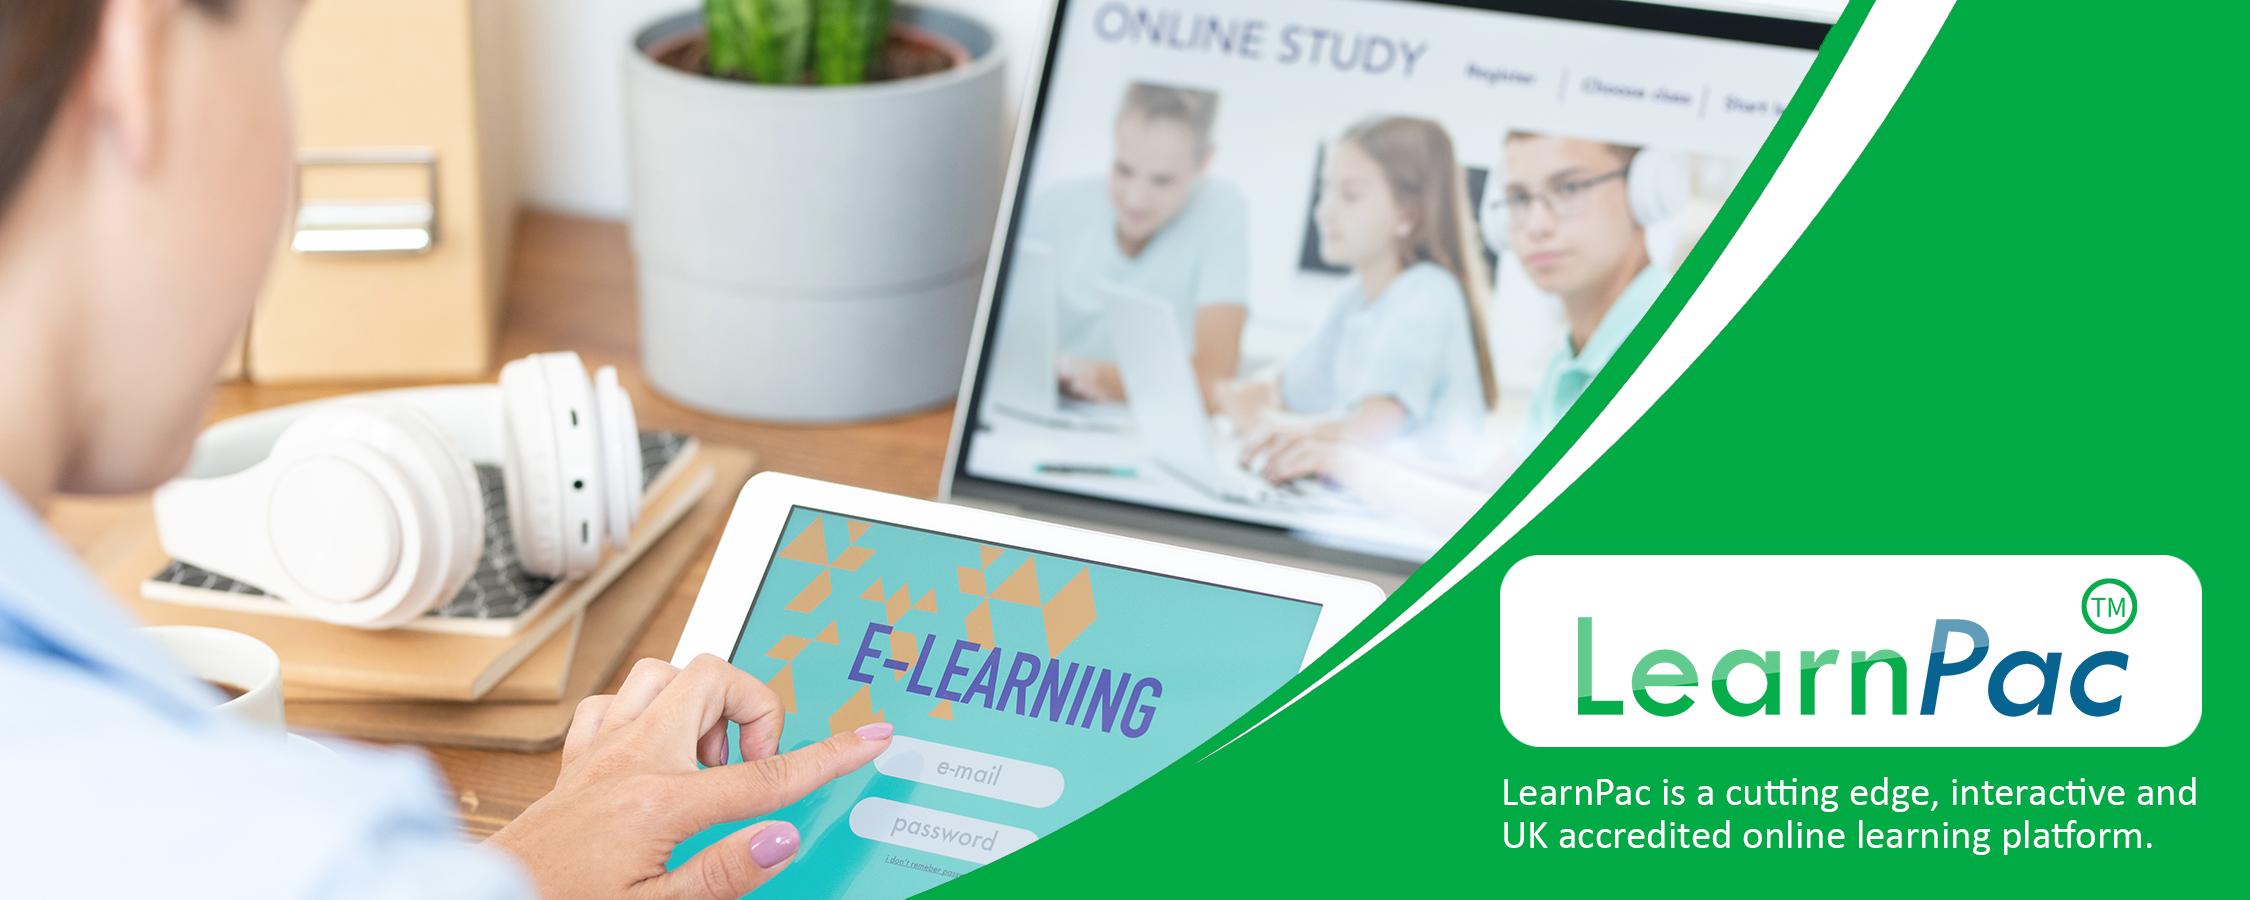 Falls Prevention Awareness - Online Learning Courses - E-Learning Courses - LearnPac Systems UK --